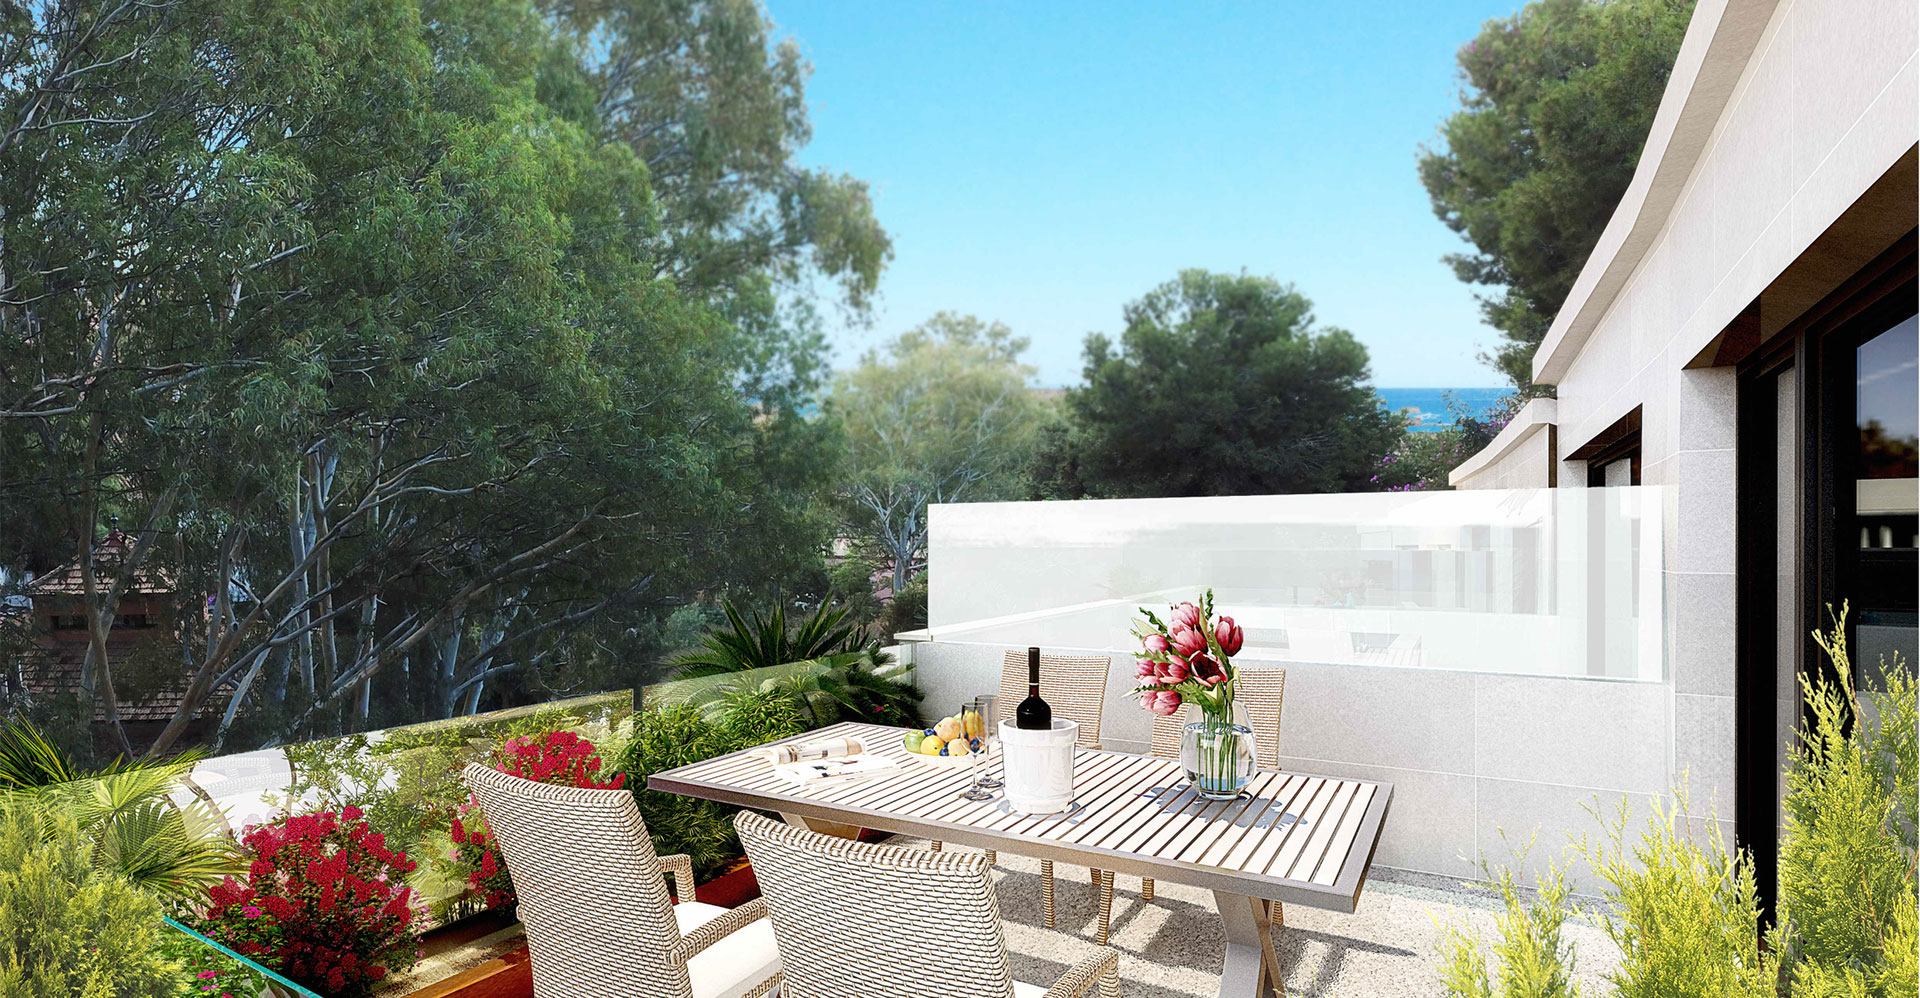 Vistas desde la terraza donde se puede apreciar el entorno vegetal y el mar a lo lejos